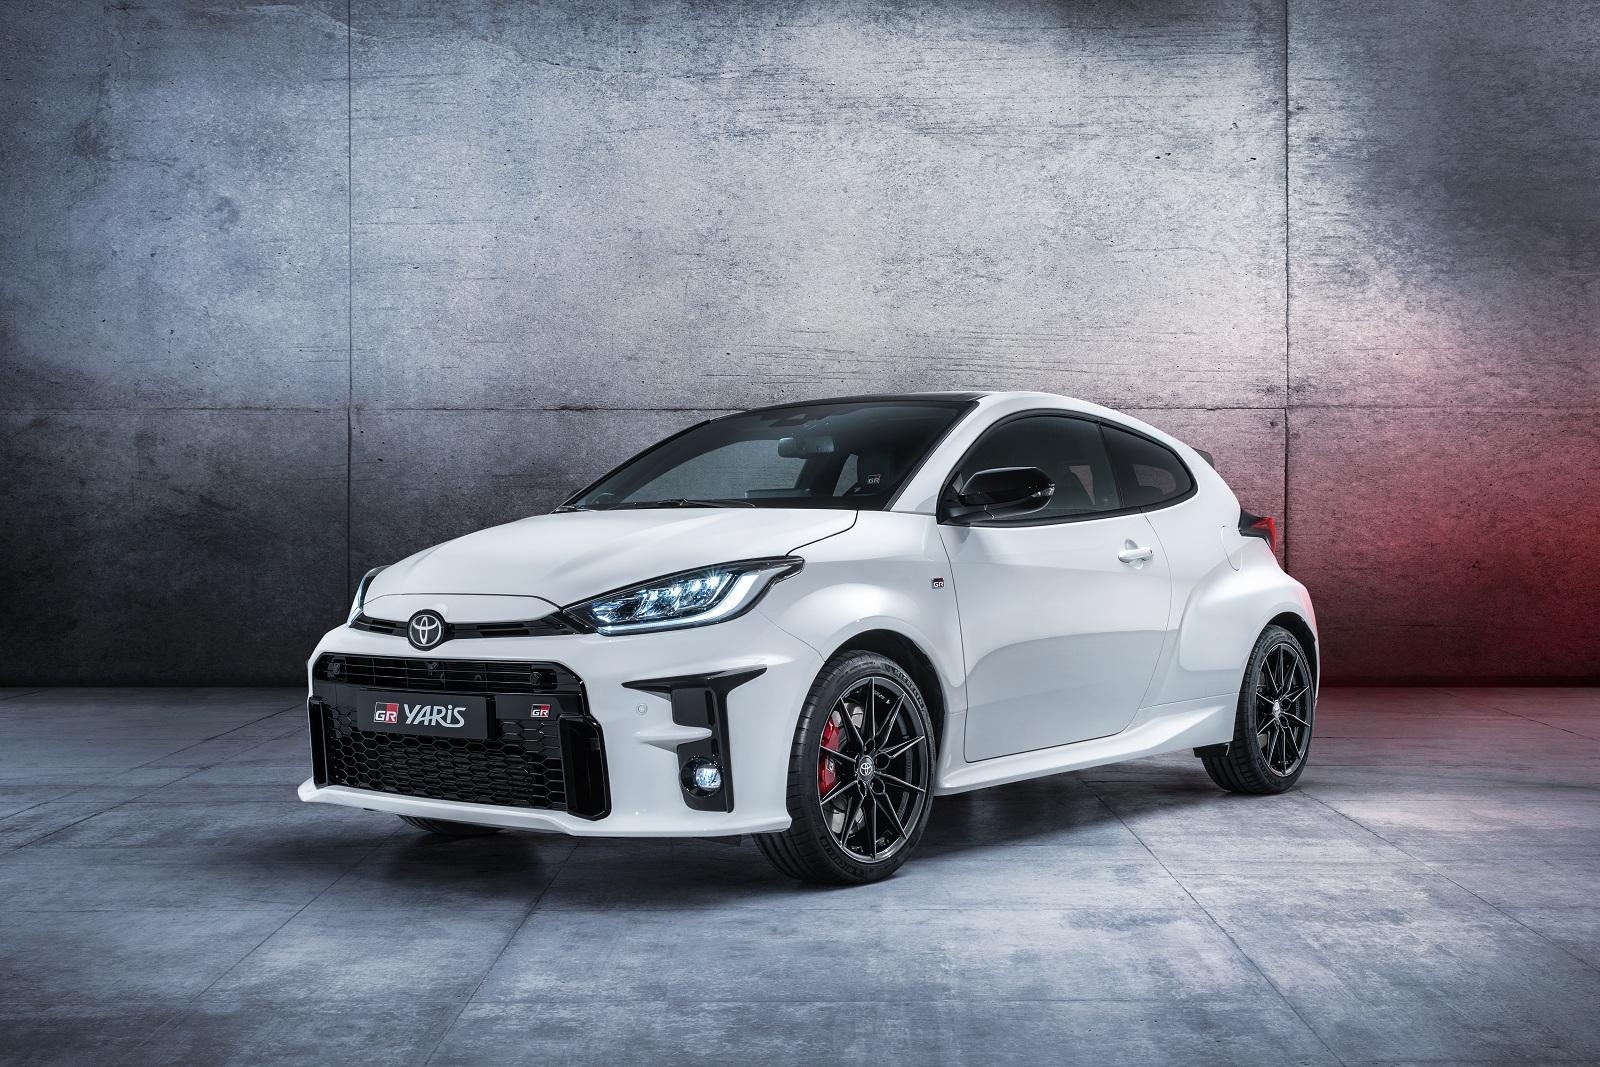 Toyota показала самый экстремальный хот-хэтч современности